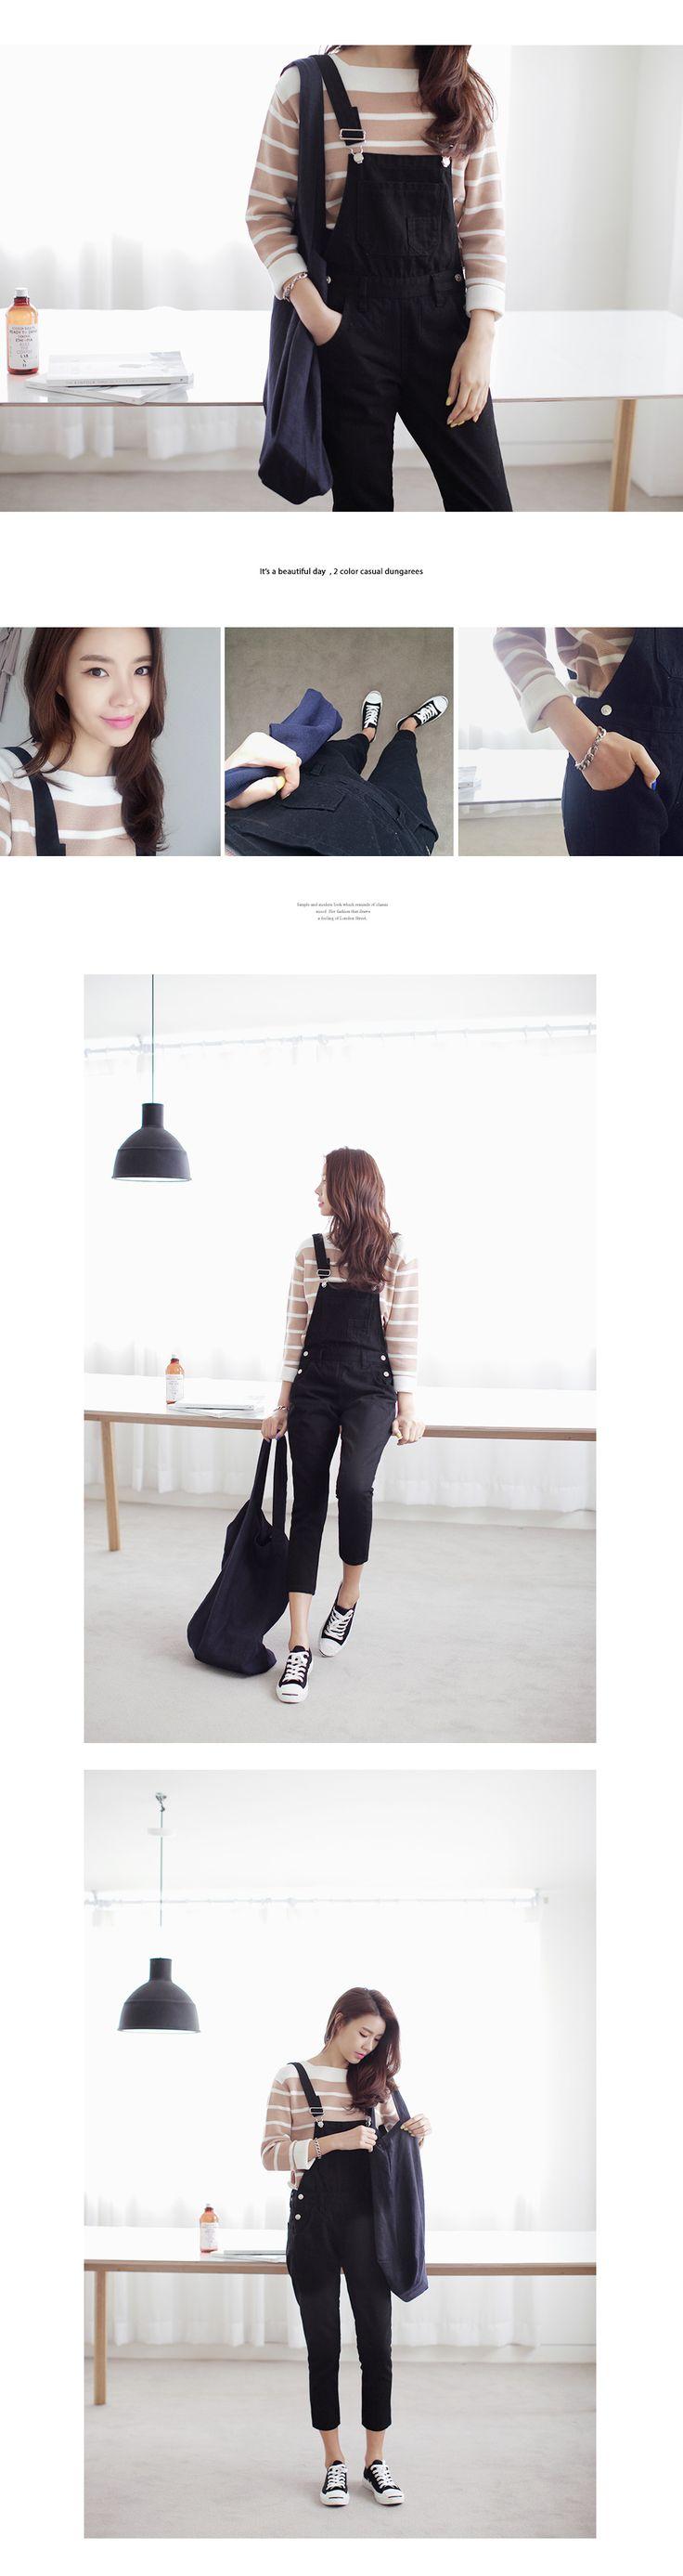 4563モノトーンデニムサロペット・全2色パンツ・ズボンパンツ・ズボン|レディースファッション通販 DHOLICディーホリック [ファストファッション 水着 ワンピース]